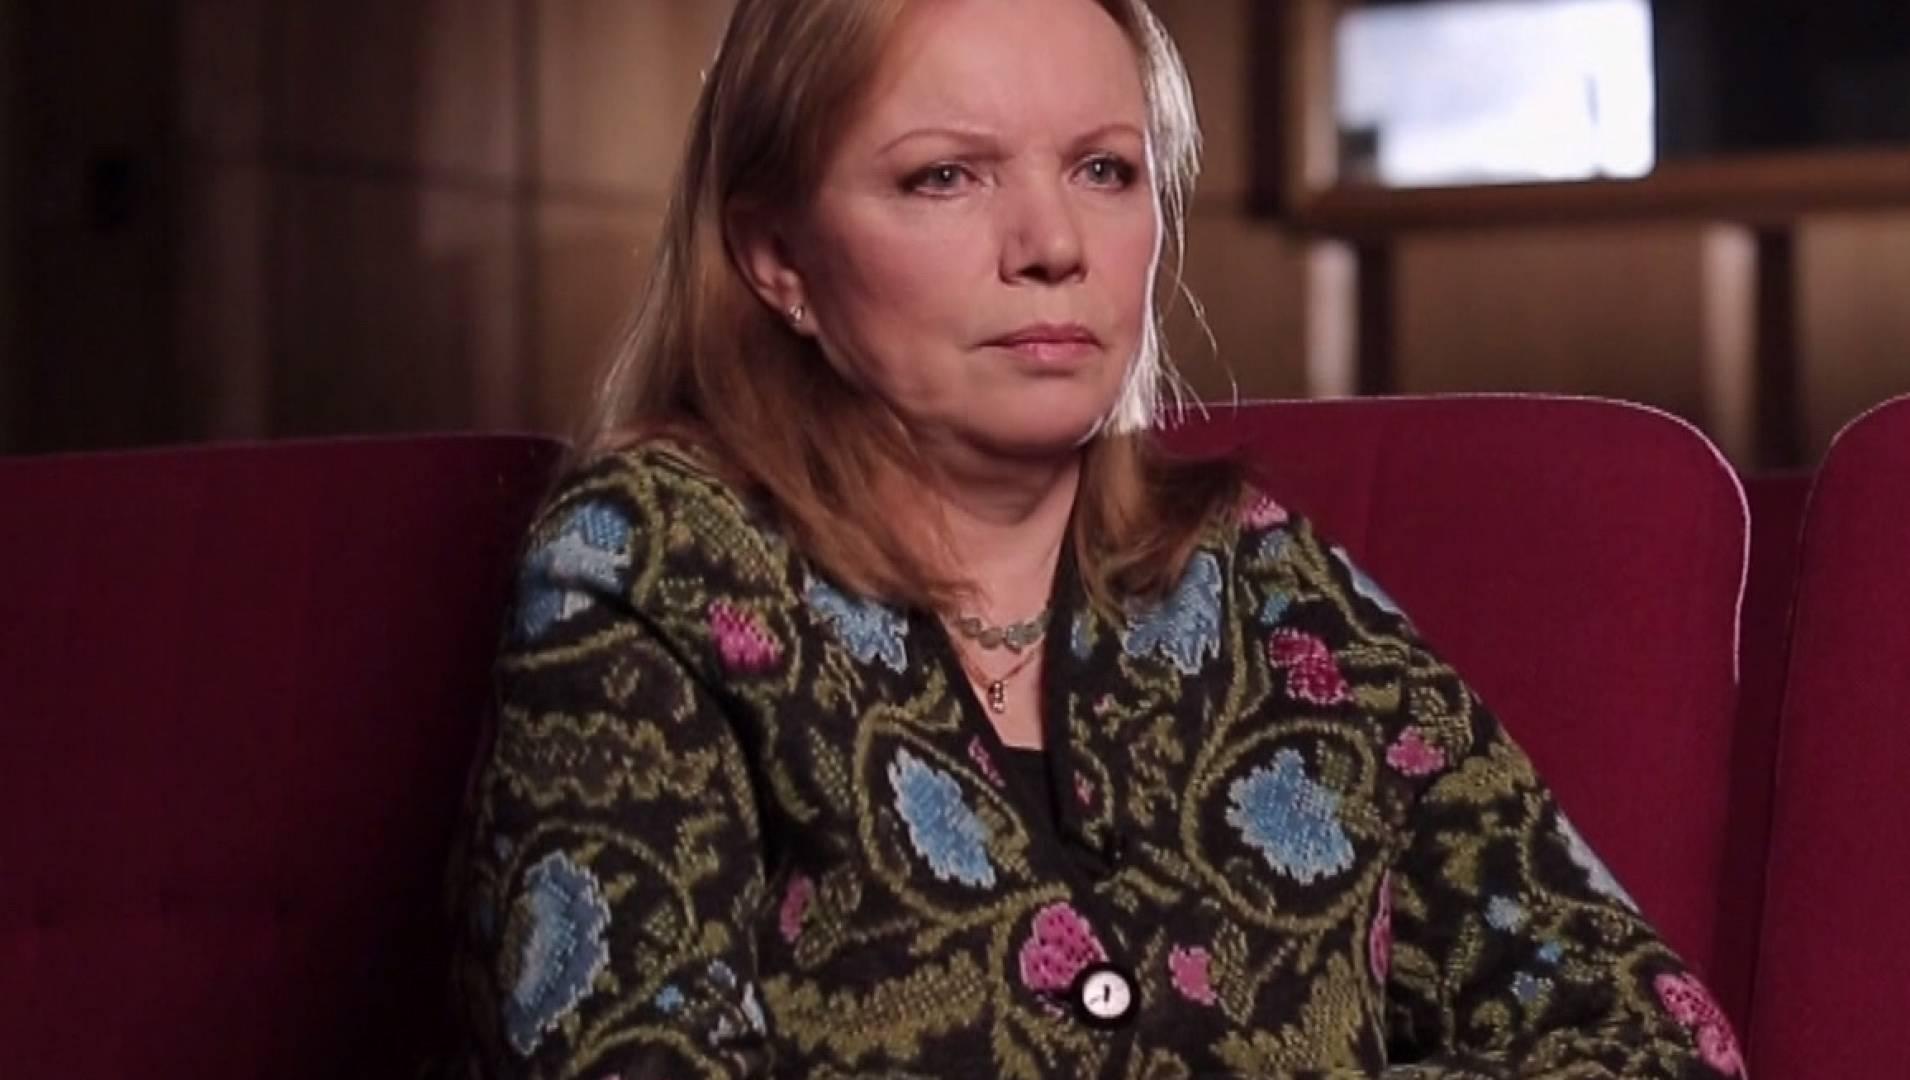 Валентина Теличкина - биография, информация, личная жизнь 21